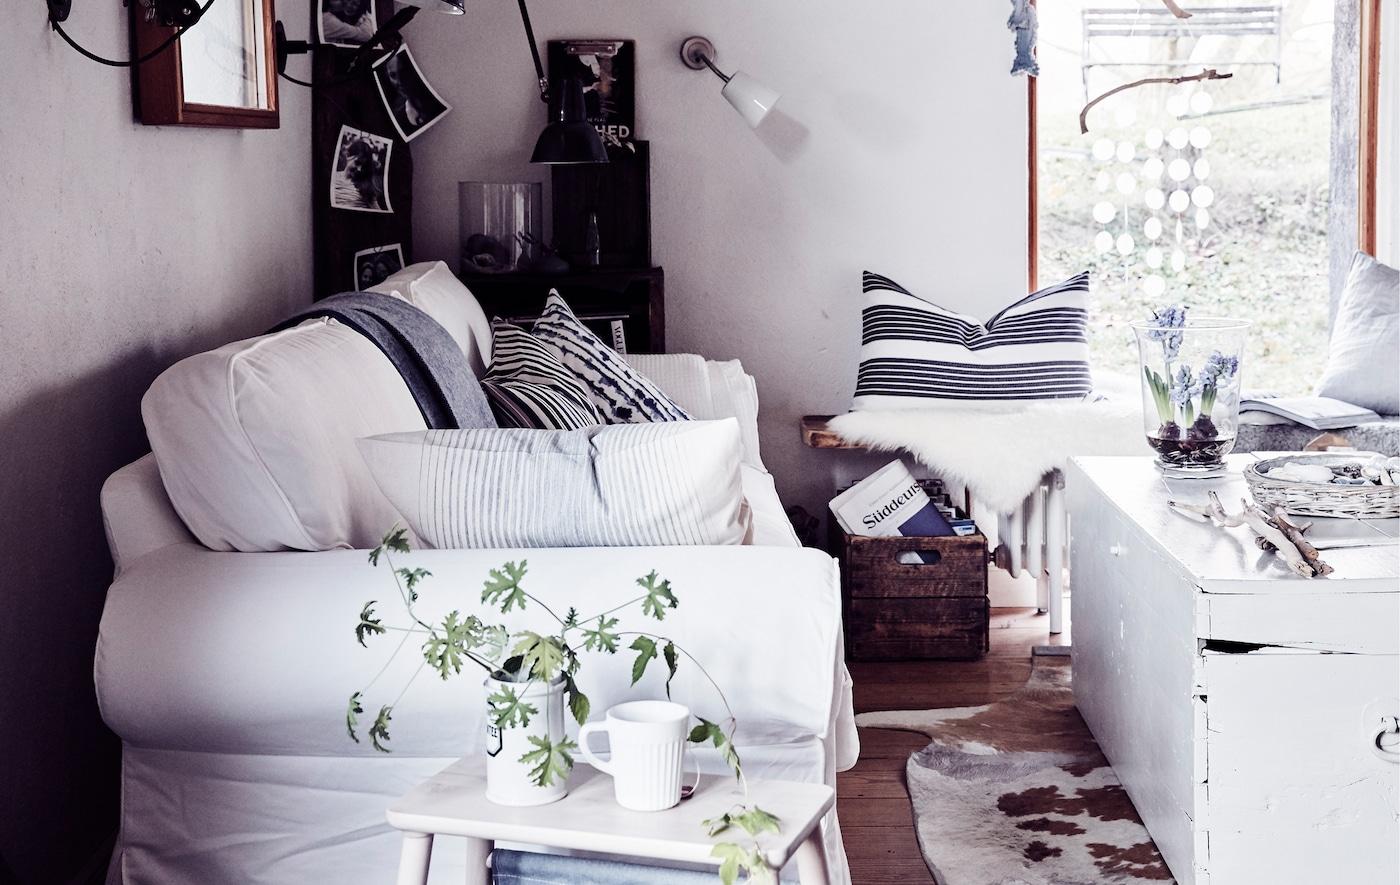 Hagyományos stílusú fehér kanapé egy nappaliban, csíkos díszpárnákkal és természetes anyagokkal.